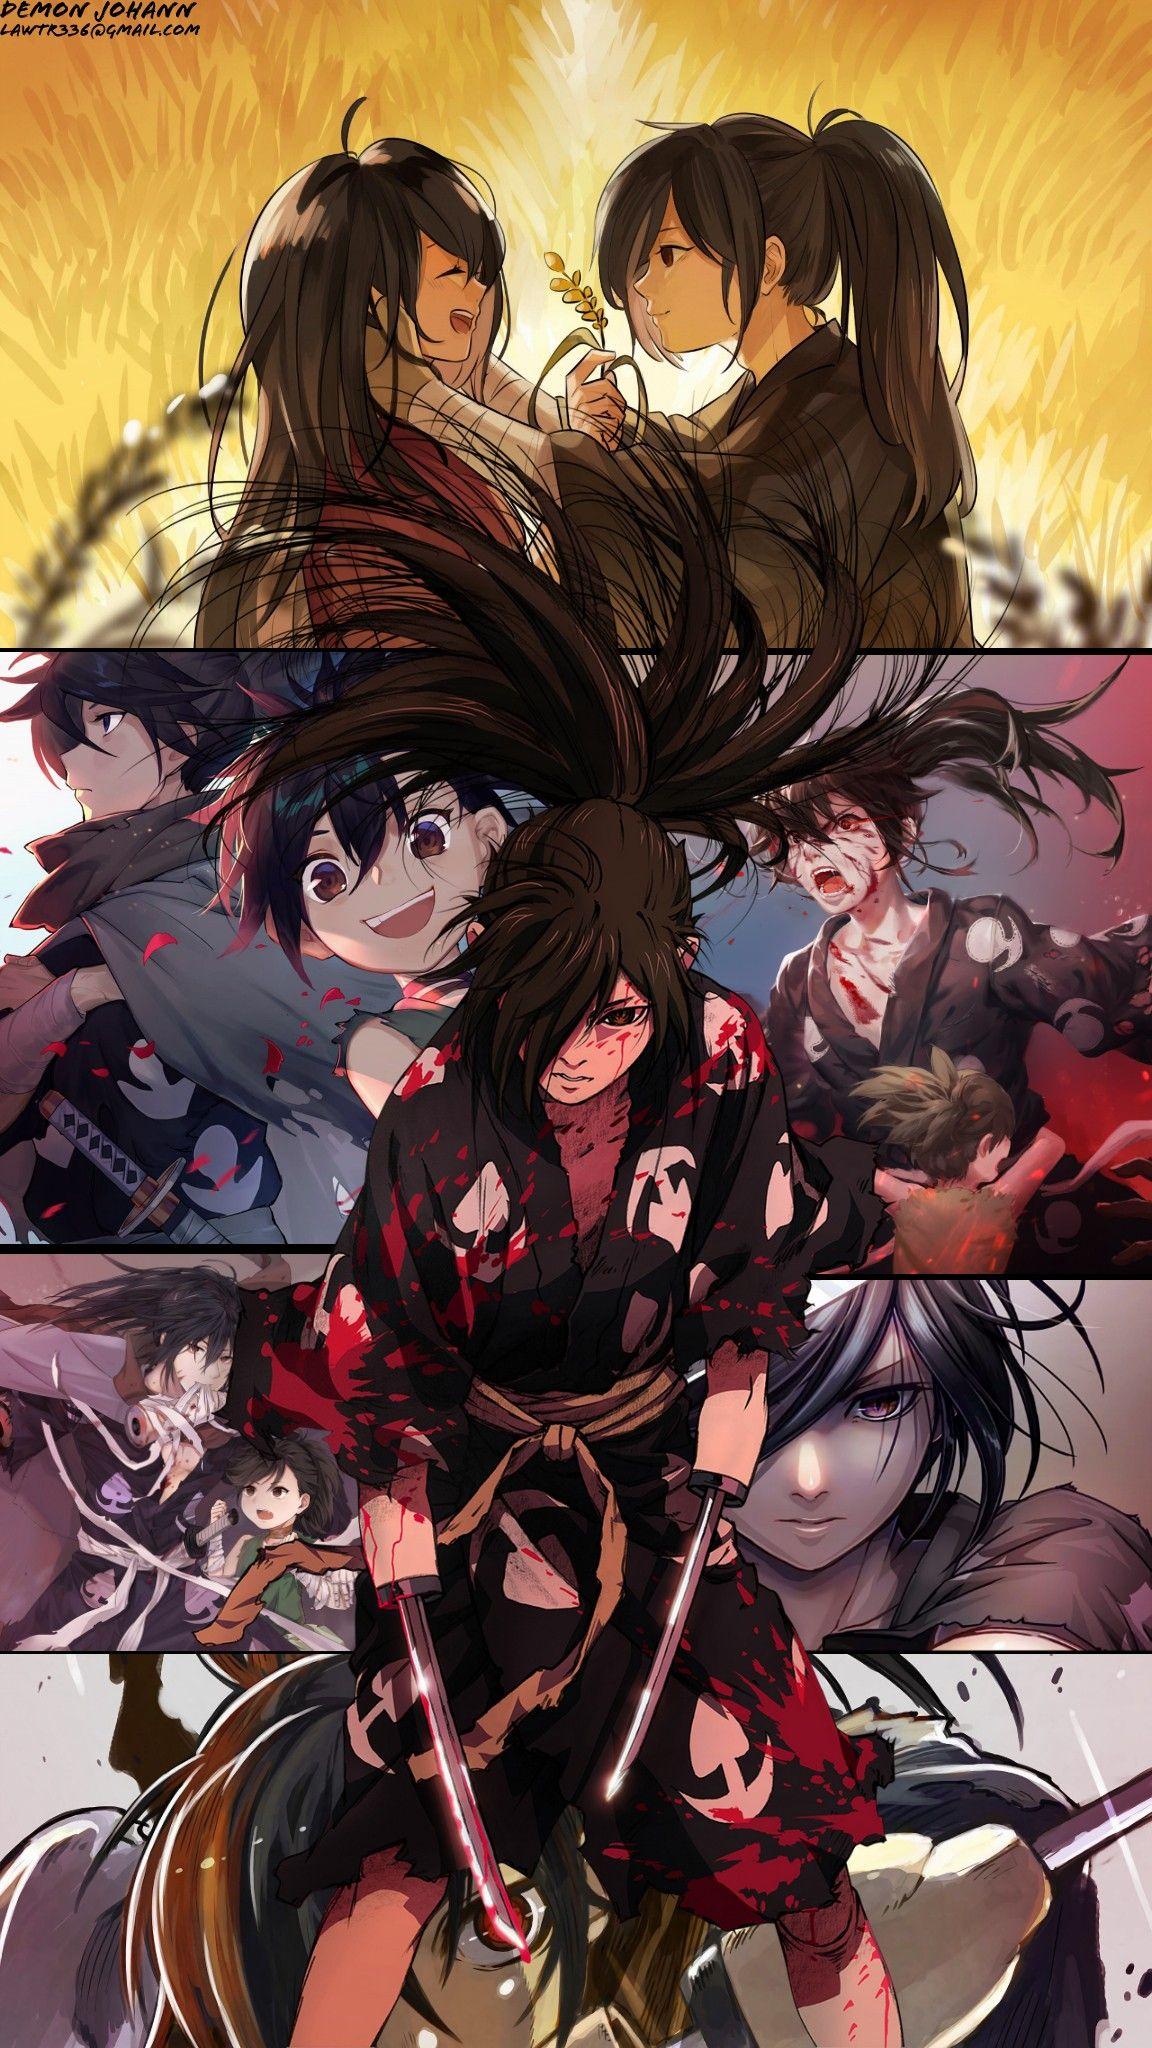 Hyakkimaru Dororo Anime In 2020 Anime Anime Shows Dark Anime